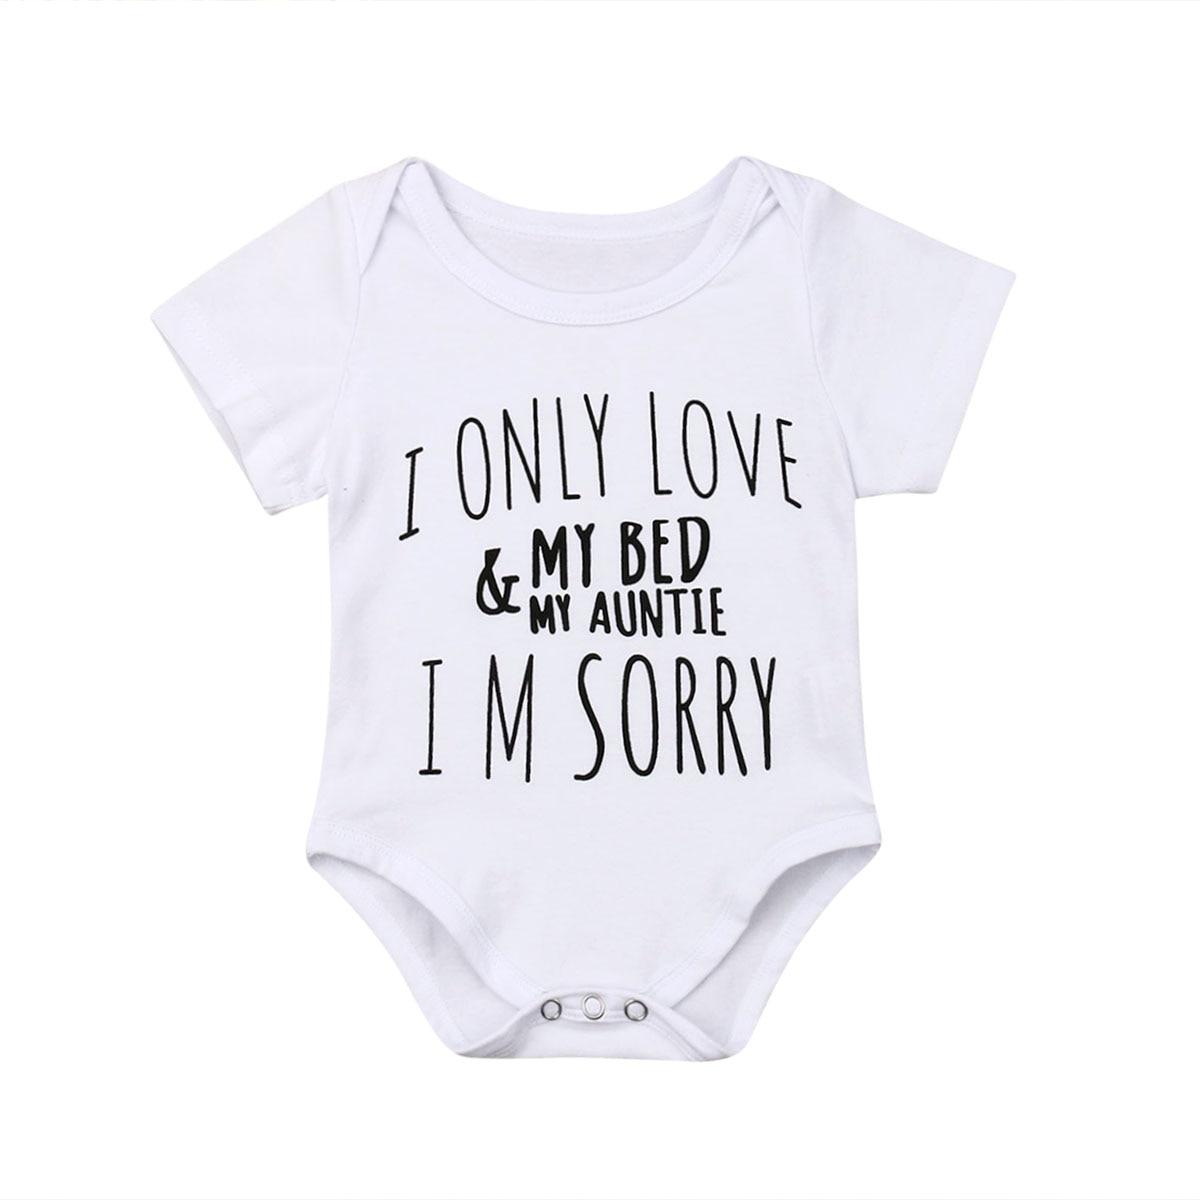 Prendas de bebé niño recién nacido Ropa bebé niña amor mi tía manga corta traje de baño trajes